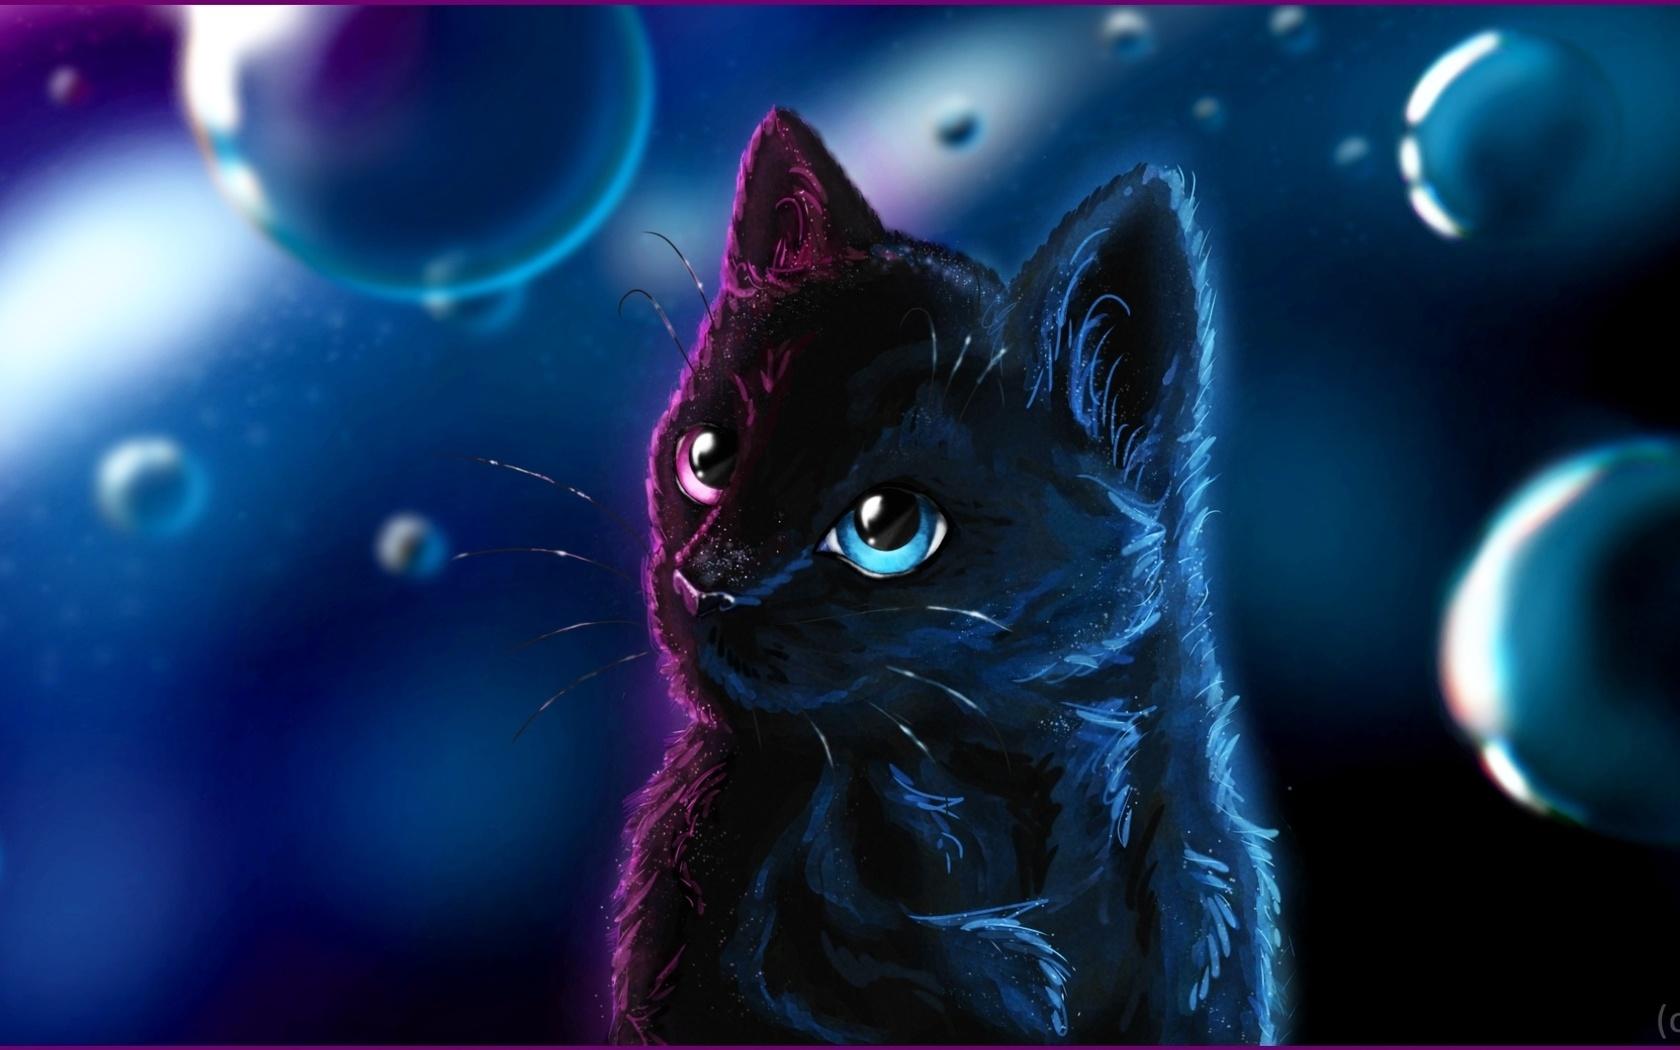 голубоглазый черный кот на фоне пузырей, by seogetie обои для рабочего стола